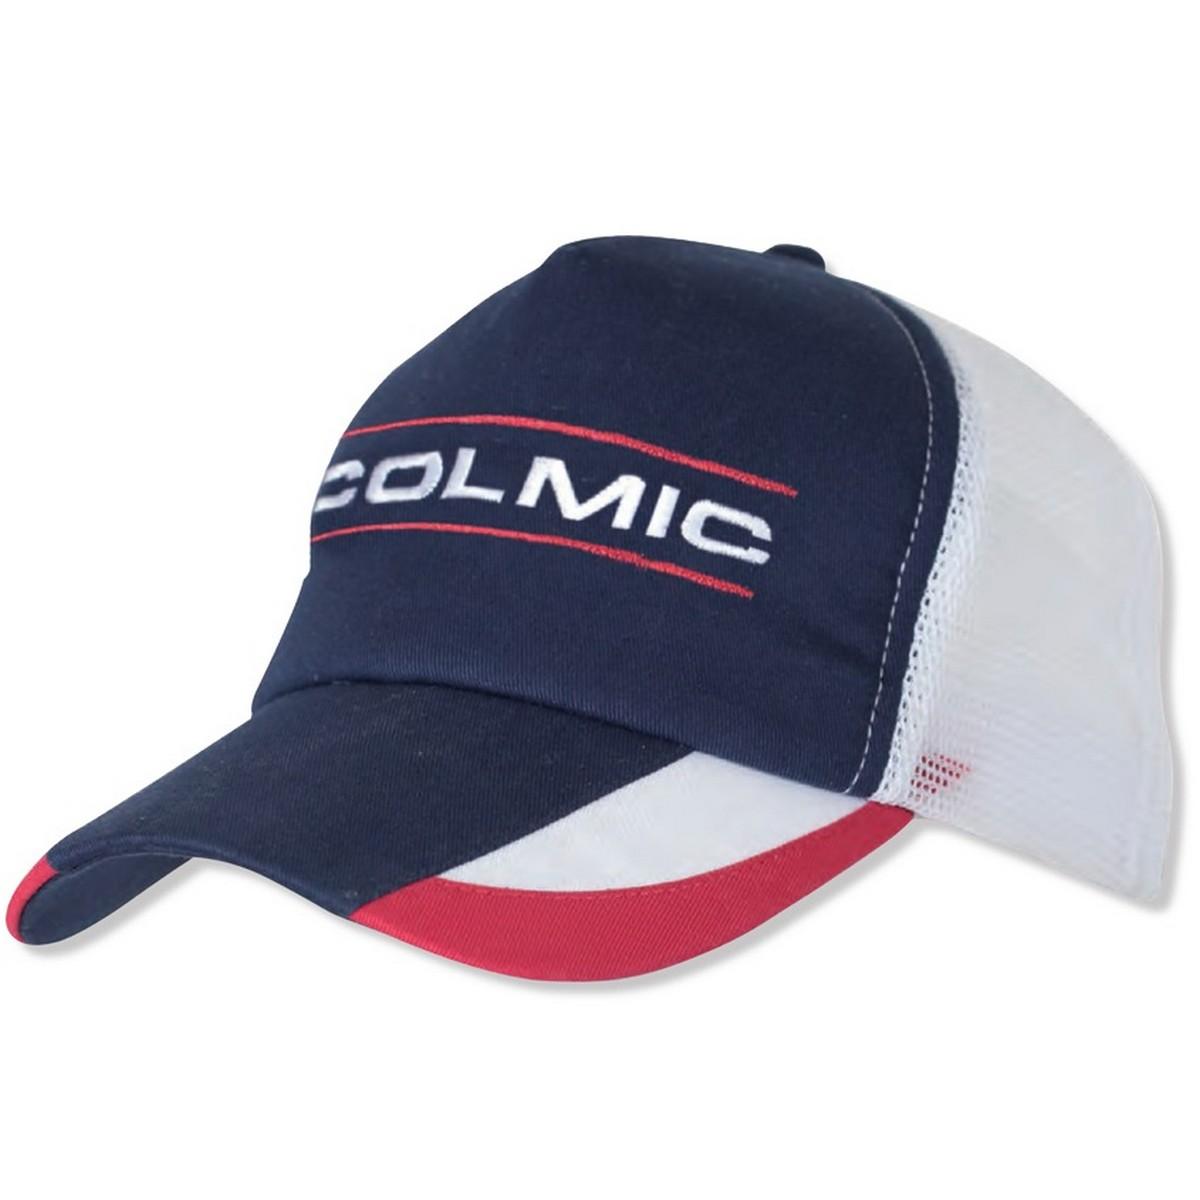 Лятна шапка с мрежа Colmic